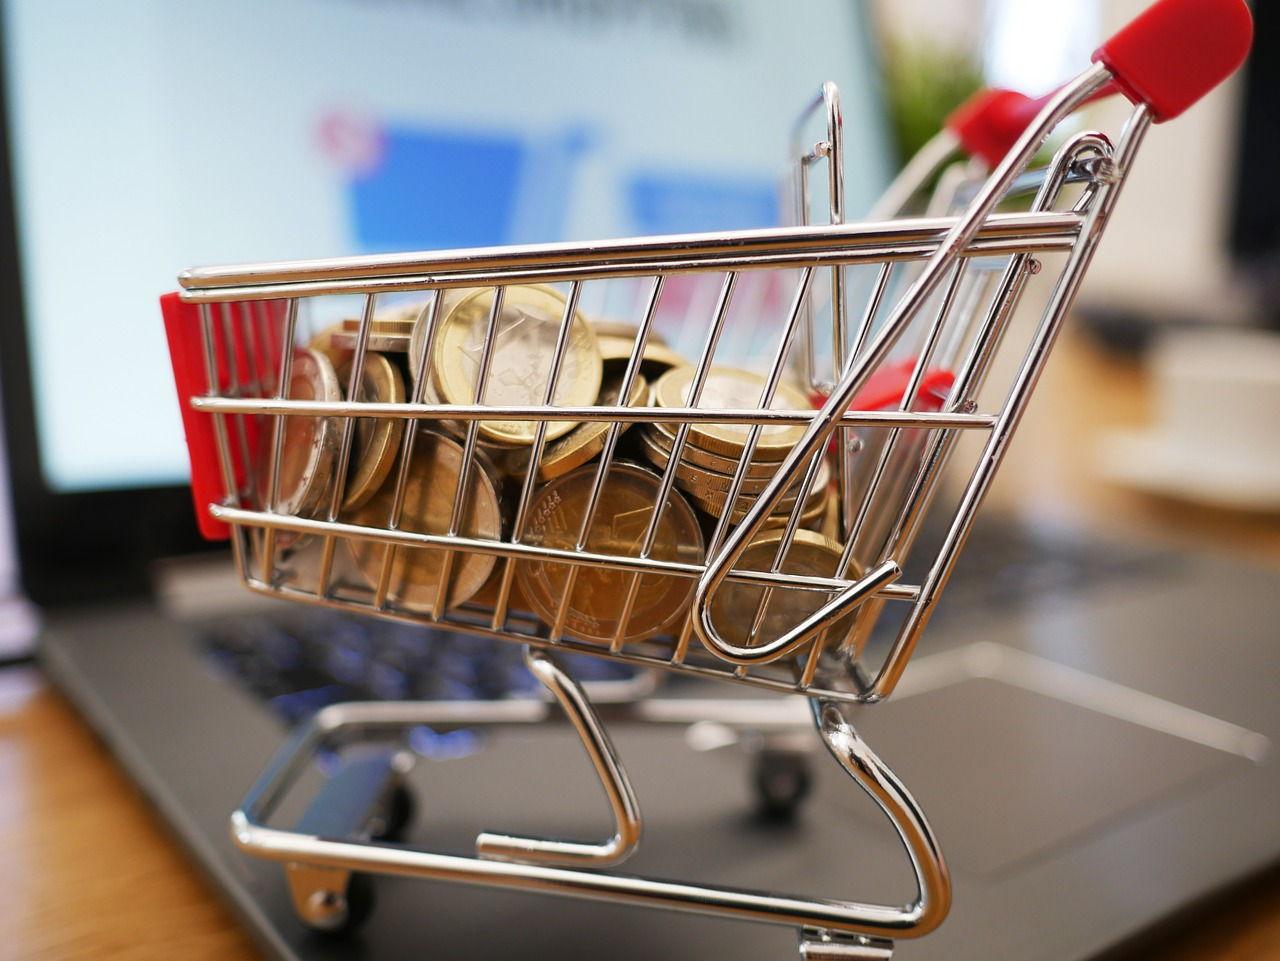 Einstieg ins eCommerce